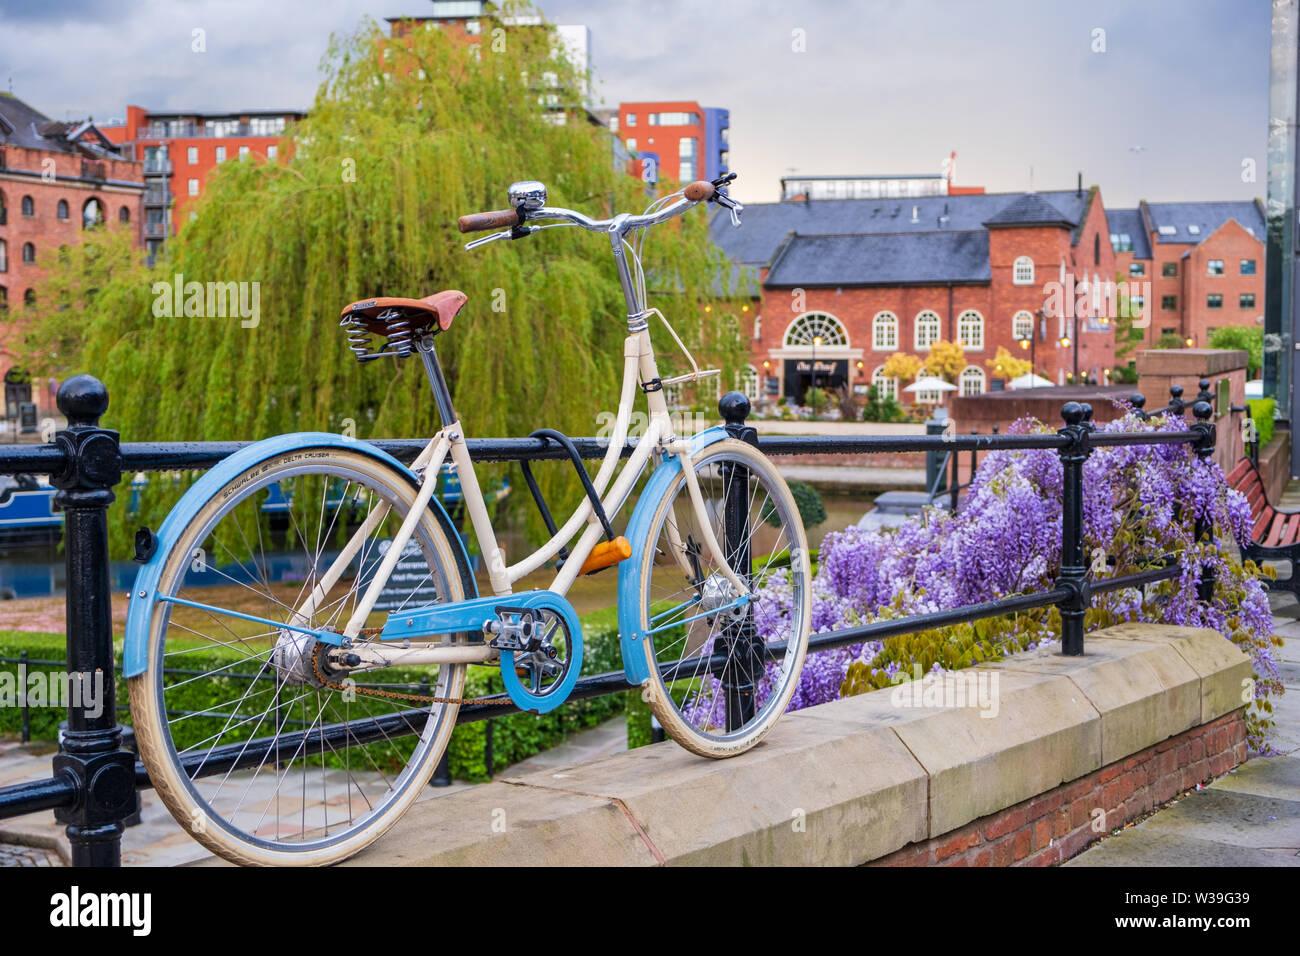 Manchester, Reino Unido - 25 de abril de 2019: Escena atmosférica de una bicicleta estacionada en el sistema de canal Victoriano restaurado en área de Castlefield Manc Foto de stock